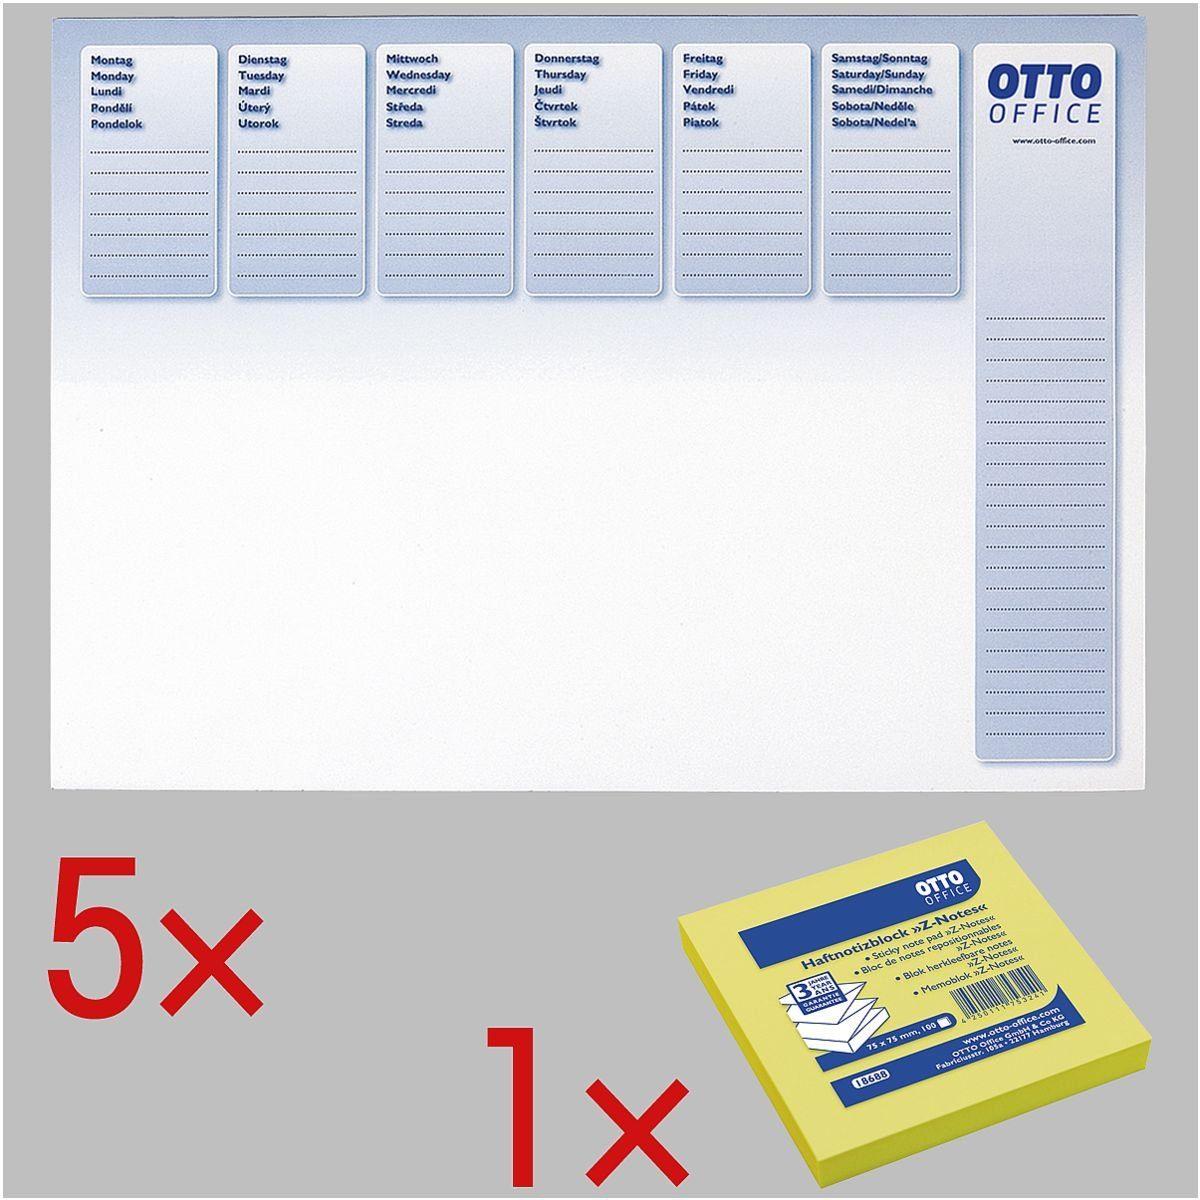 OTTOOFFICE STANDARD 5 Schreibunterlagen inkl. Haftnotizblock »Z-Notes« 1 Set